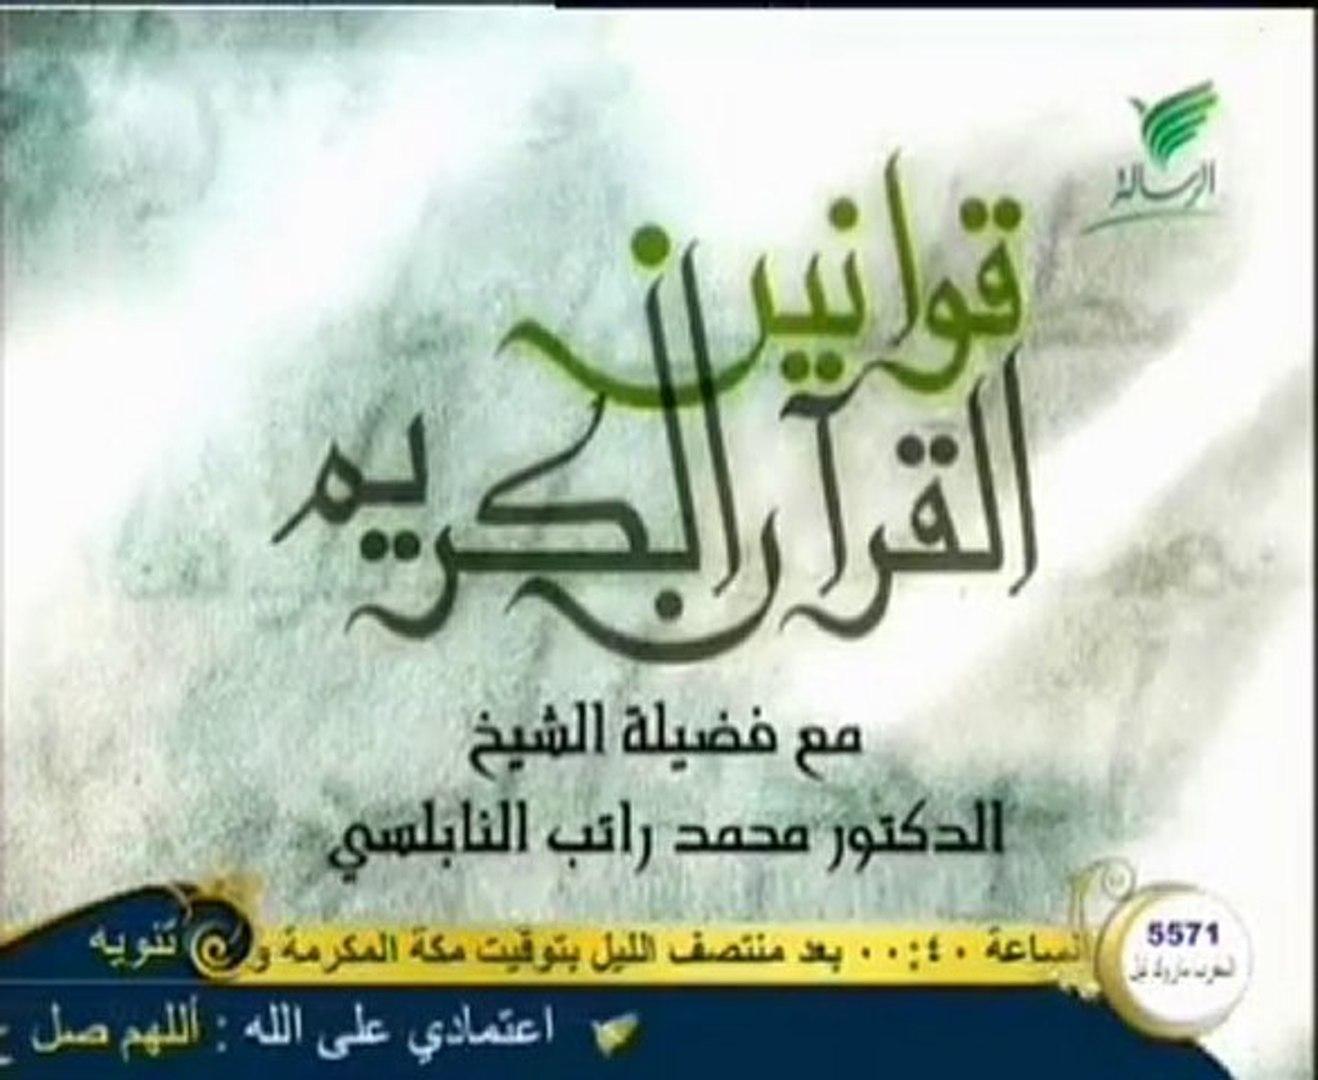 قوانين القرآن الكريم - 22 - قوانين الدعاء